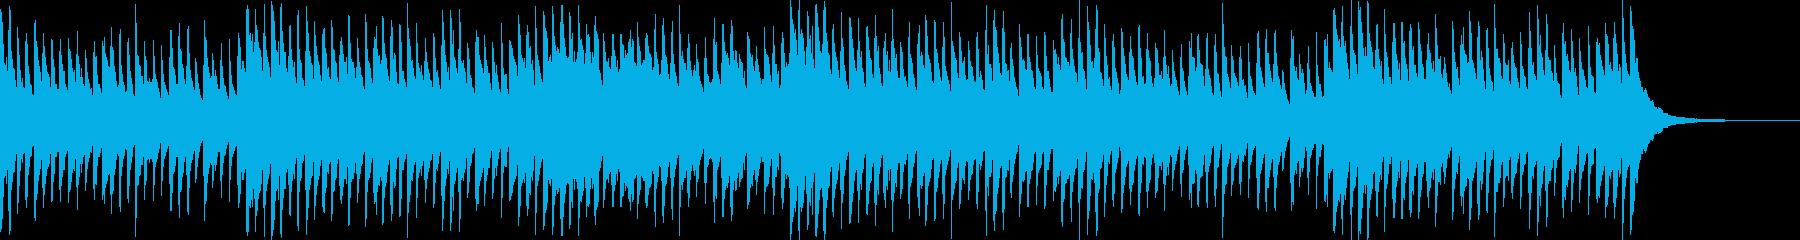 鐘・ベルの音とアコギ クリスマス の再生済みの波形